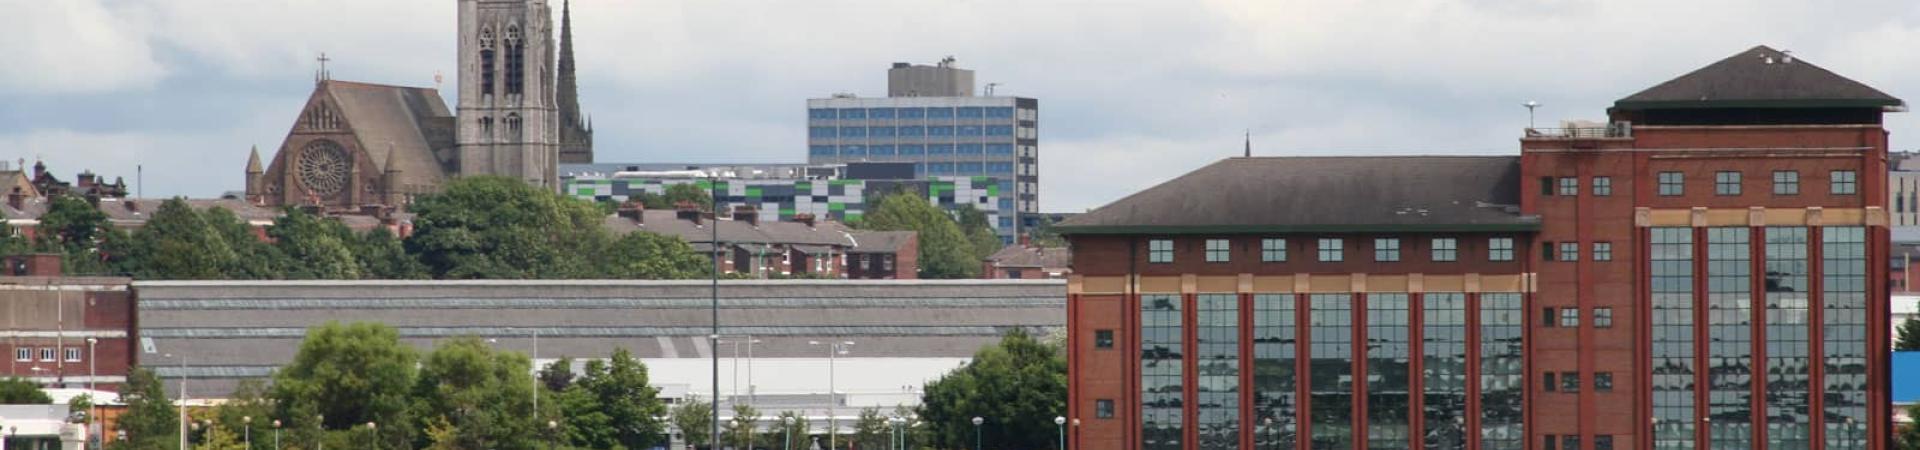 Preston city guide